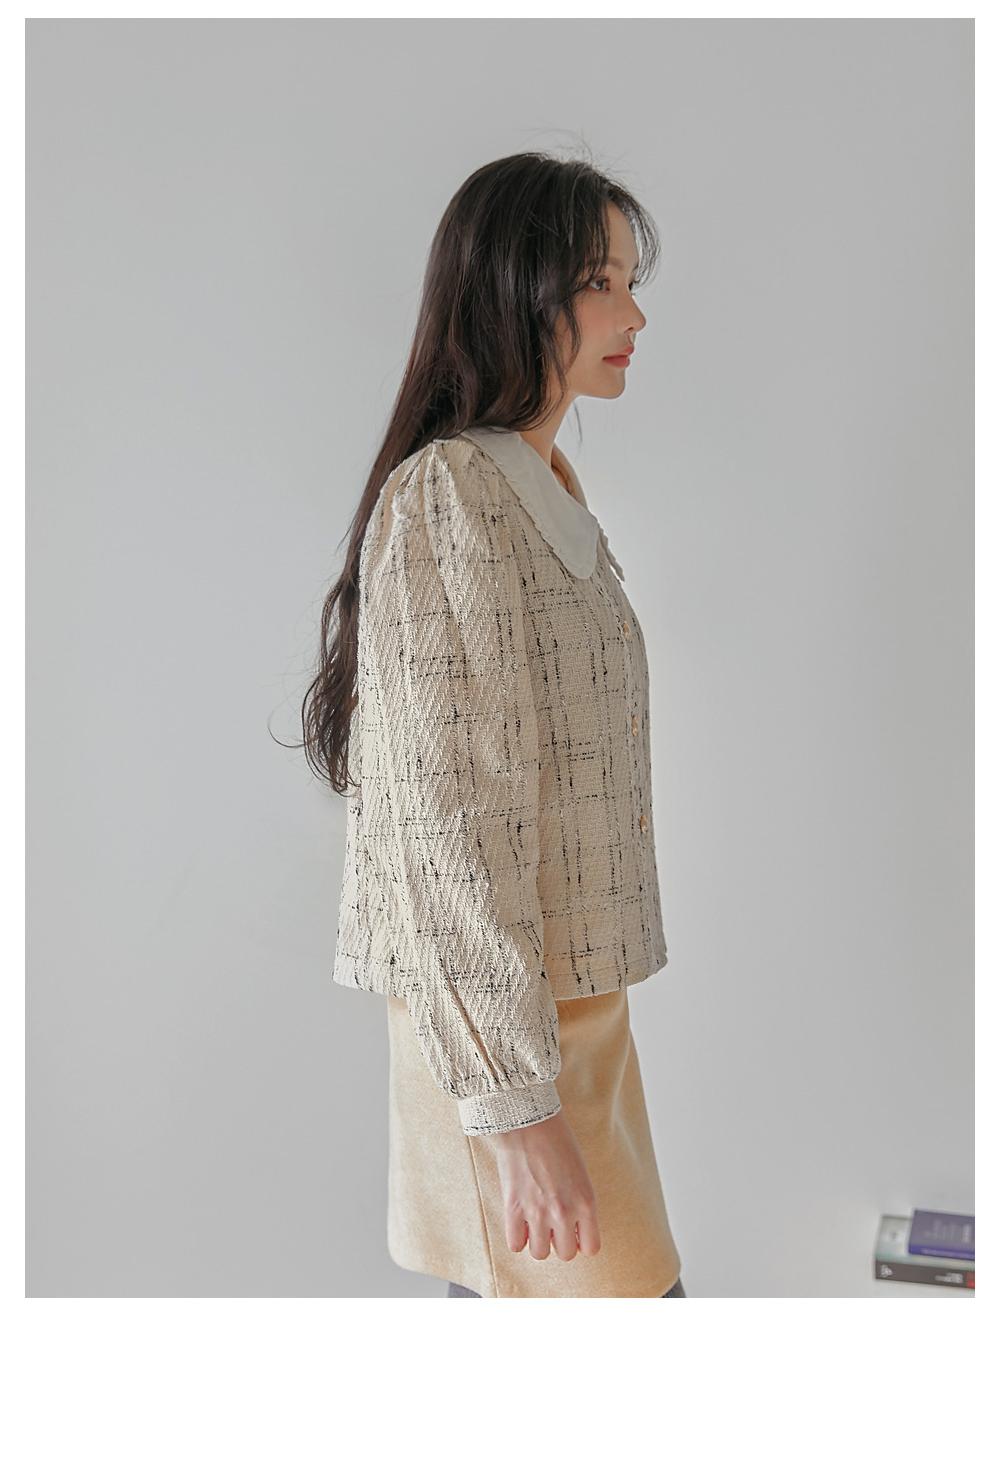 jacket model image-S1L22